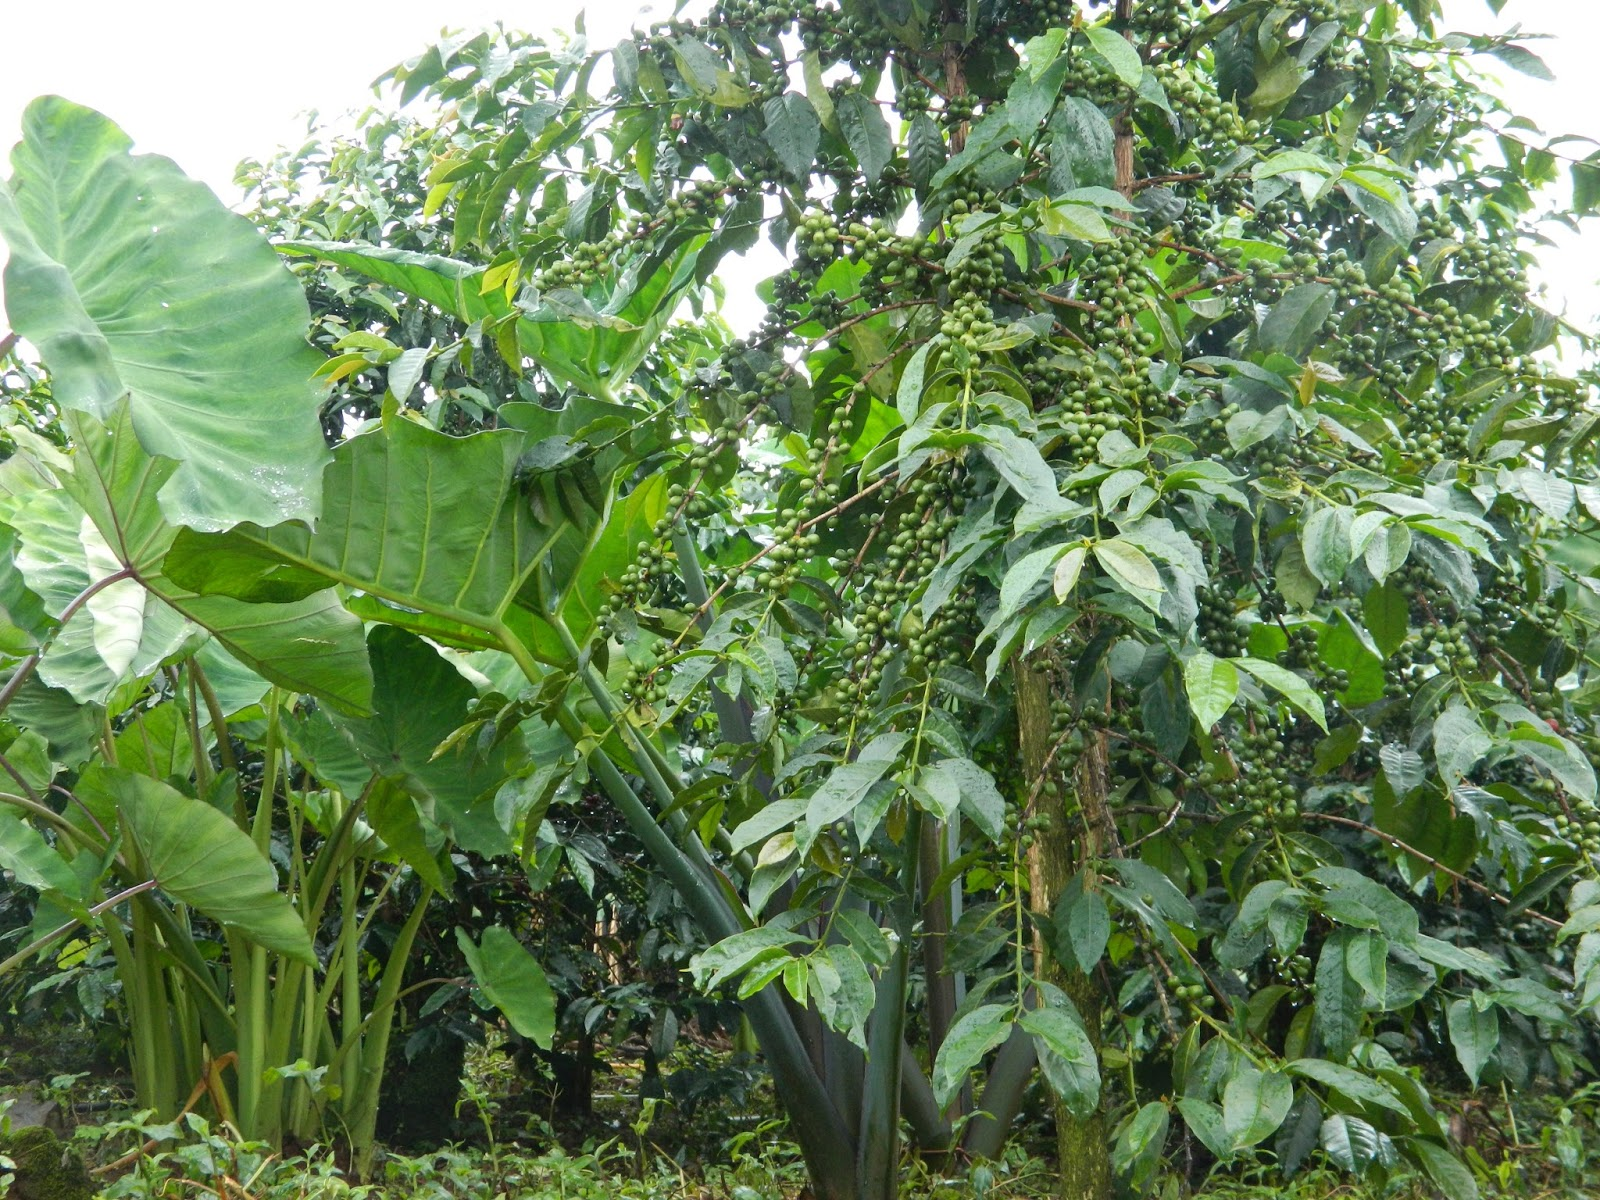 Ecom gill coffee trading private ltd